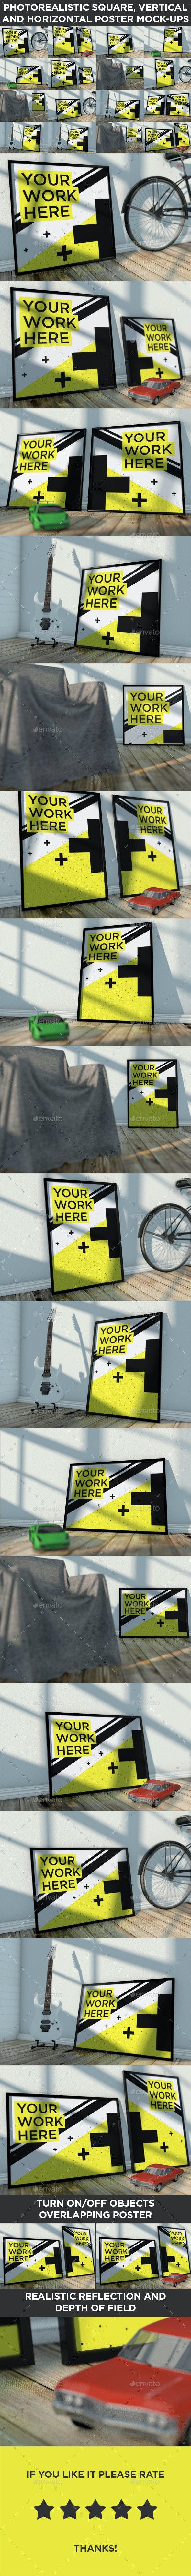 16 Realistic Poster Mock-Ups Vol.1 - Posters Print